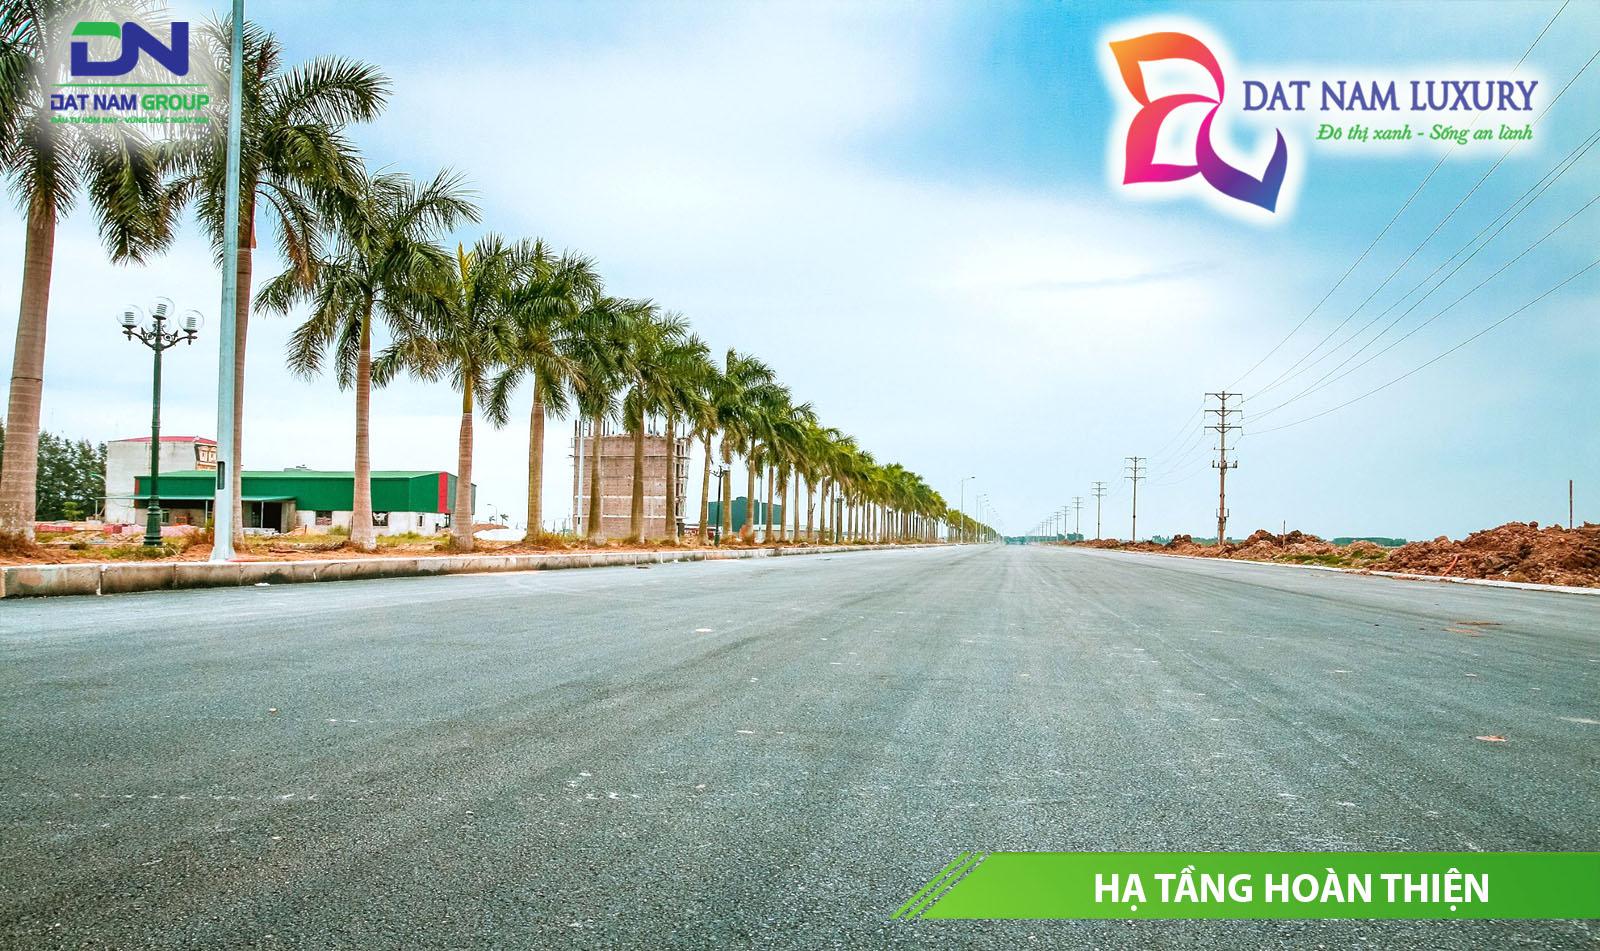 Thực tế hạ tầng tại dự án đất nền Đất Nam Luxury huyện Bình Chánh